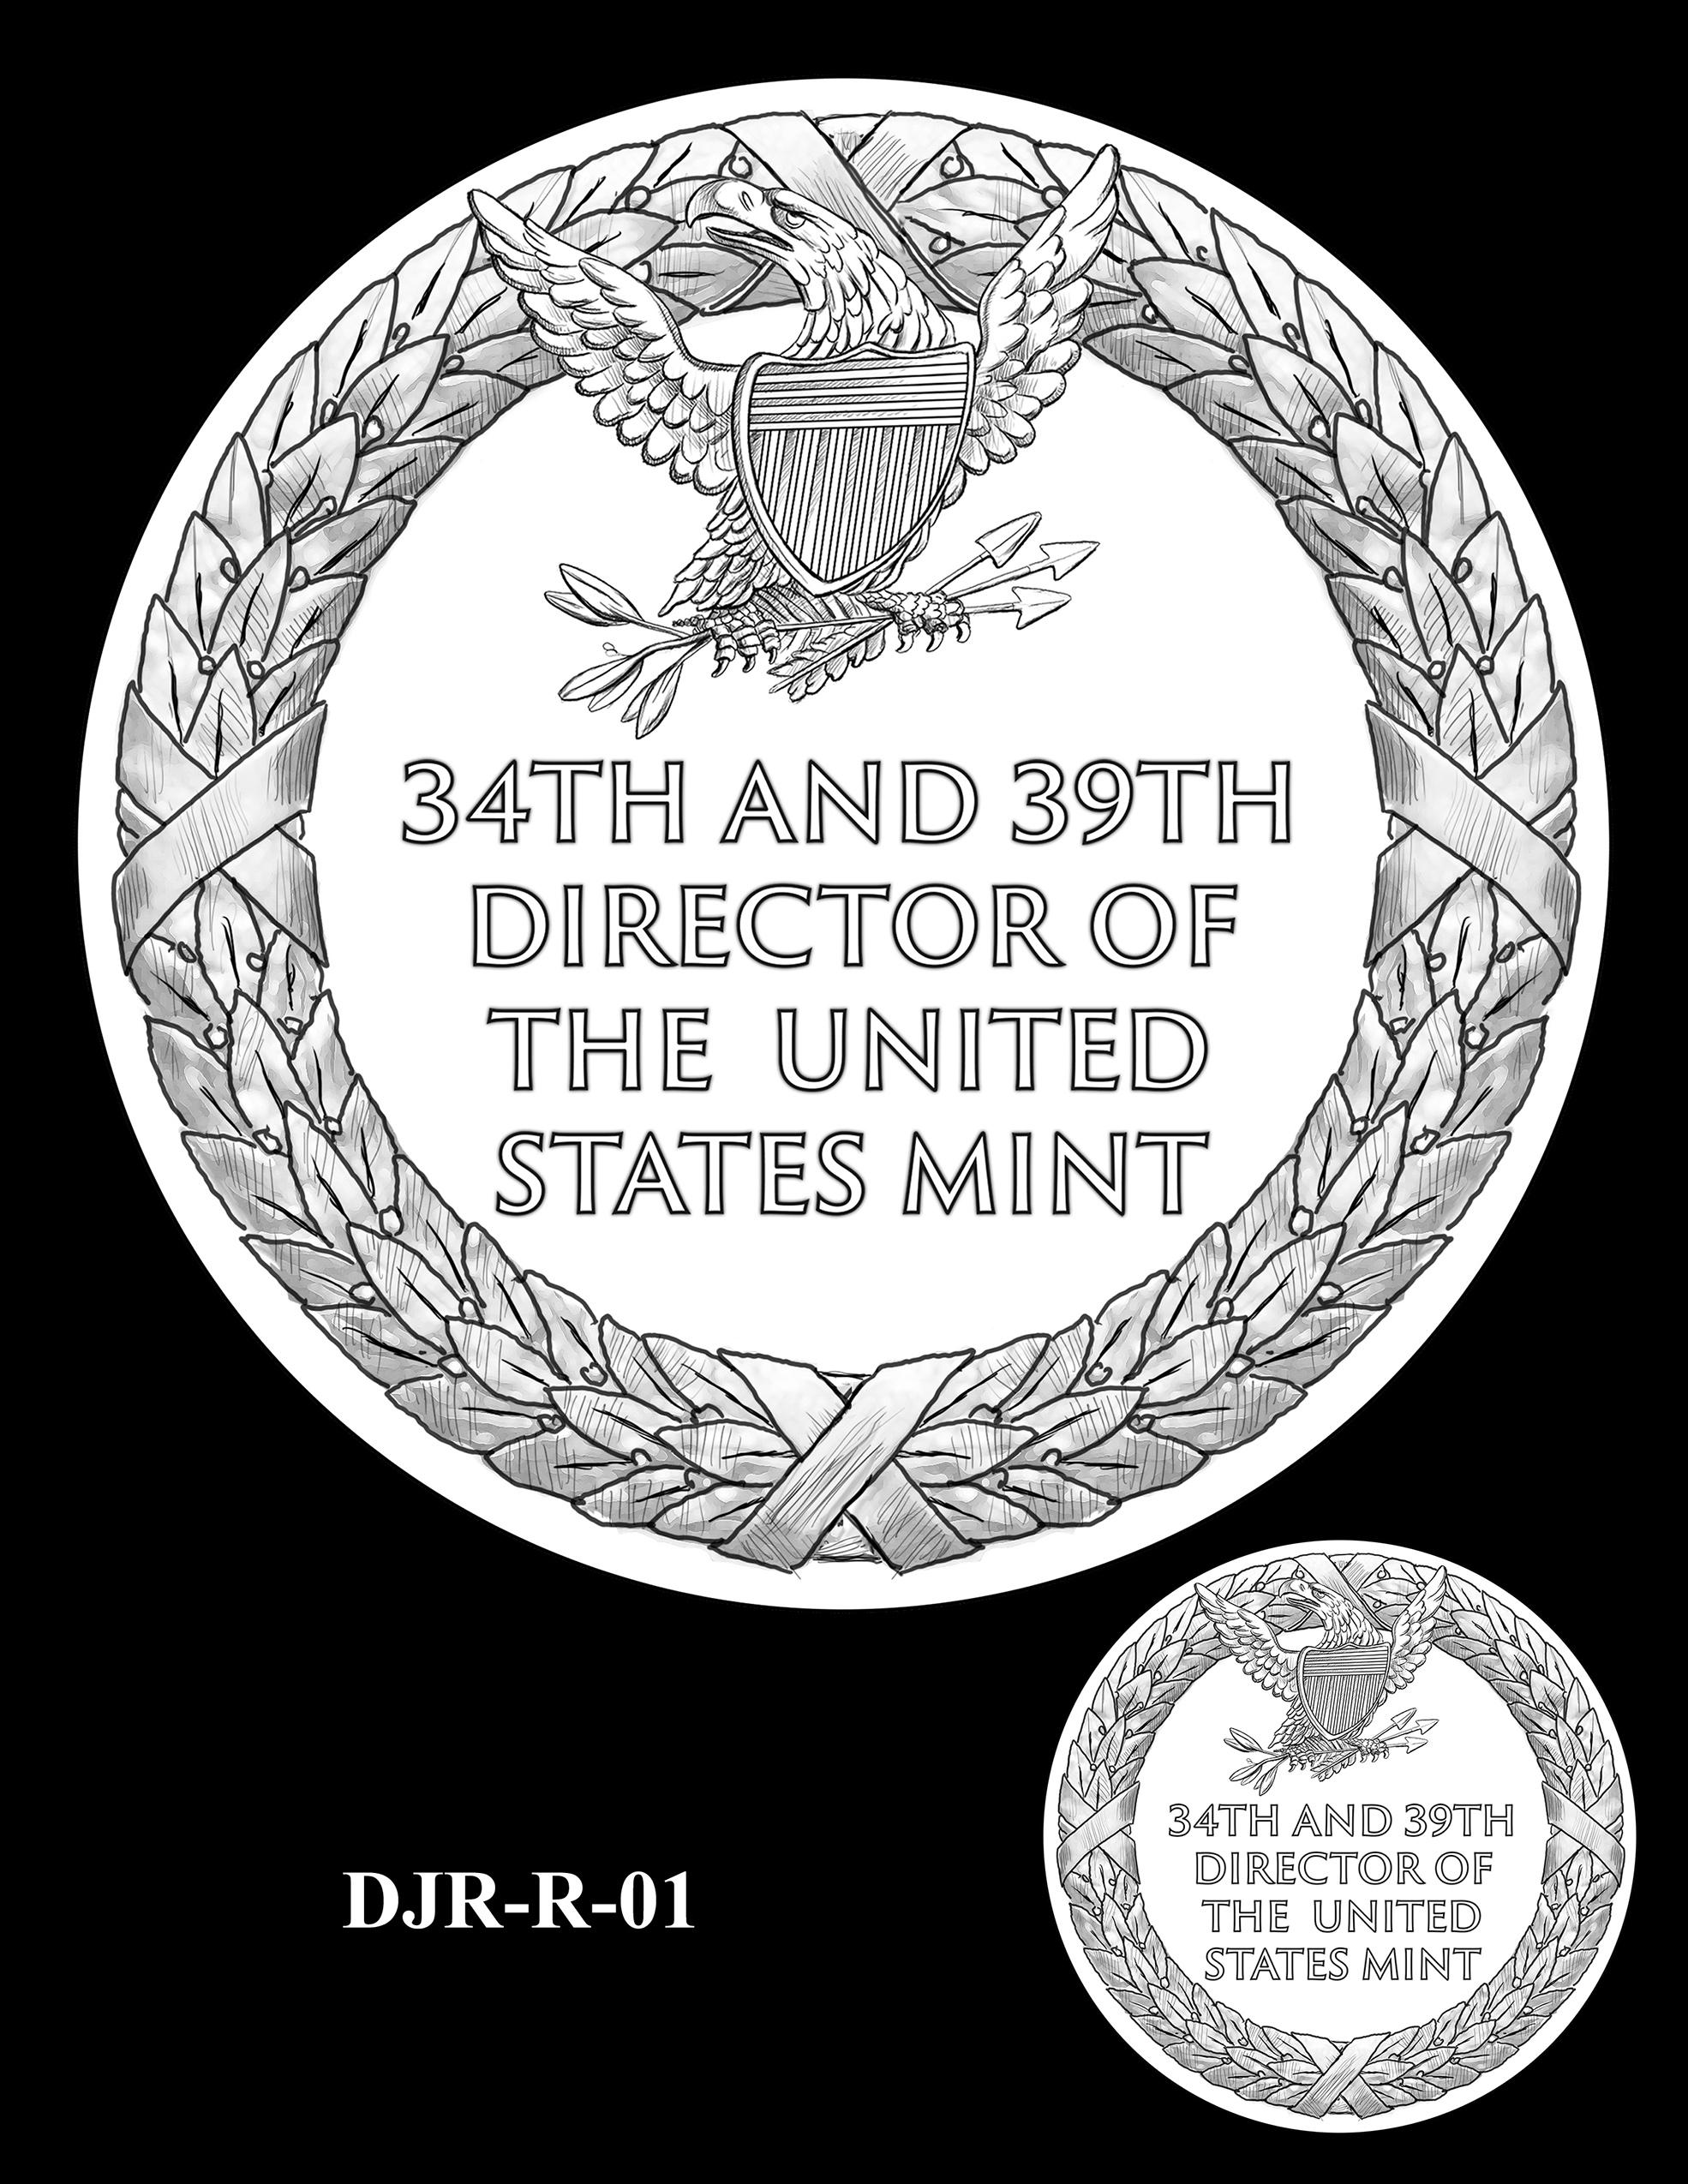 DJR-R-01 -- David J. Ryder Director of the Mint Medal